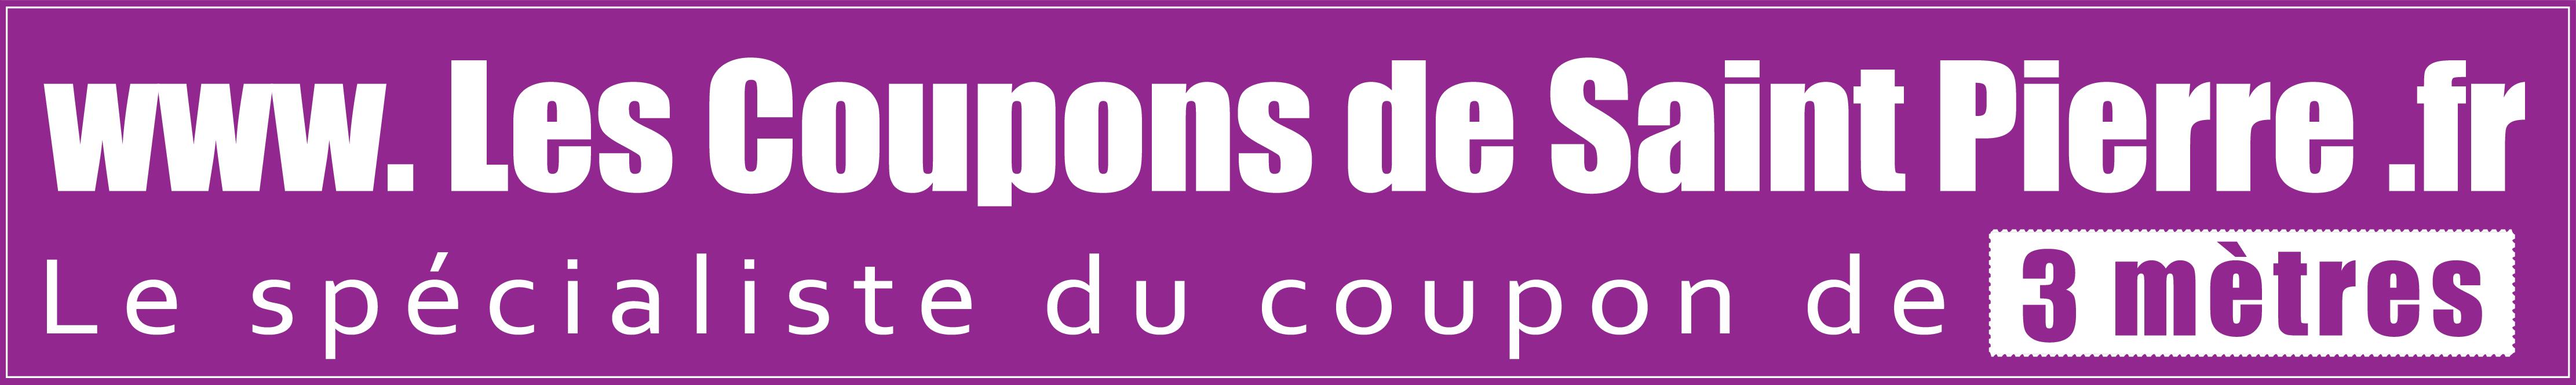 logo coupon de saint pierre